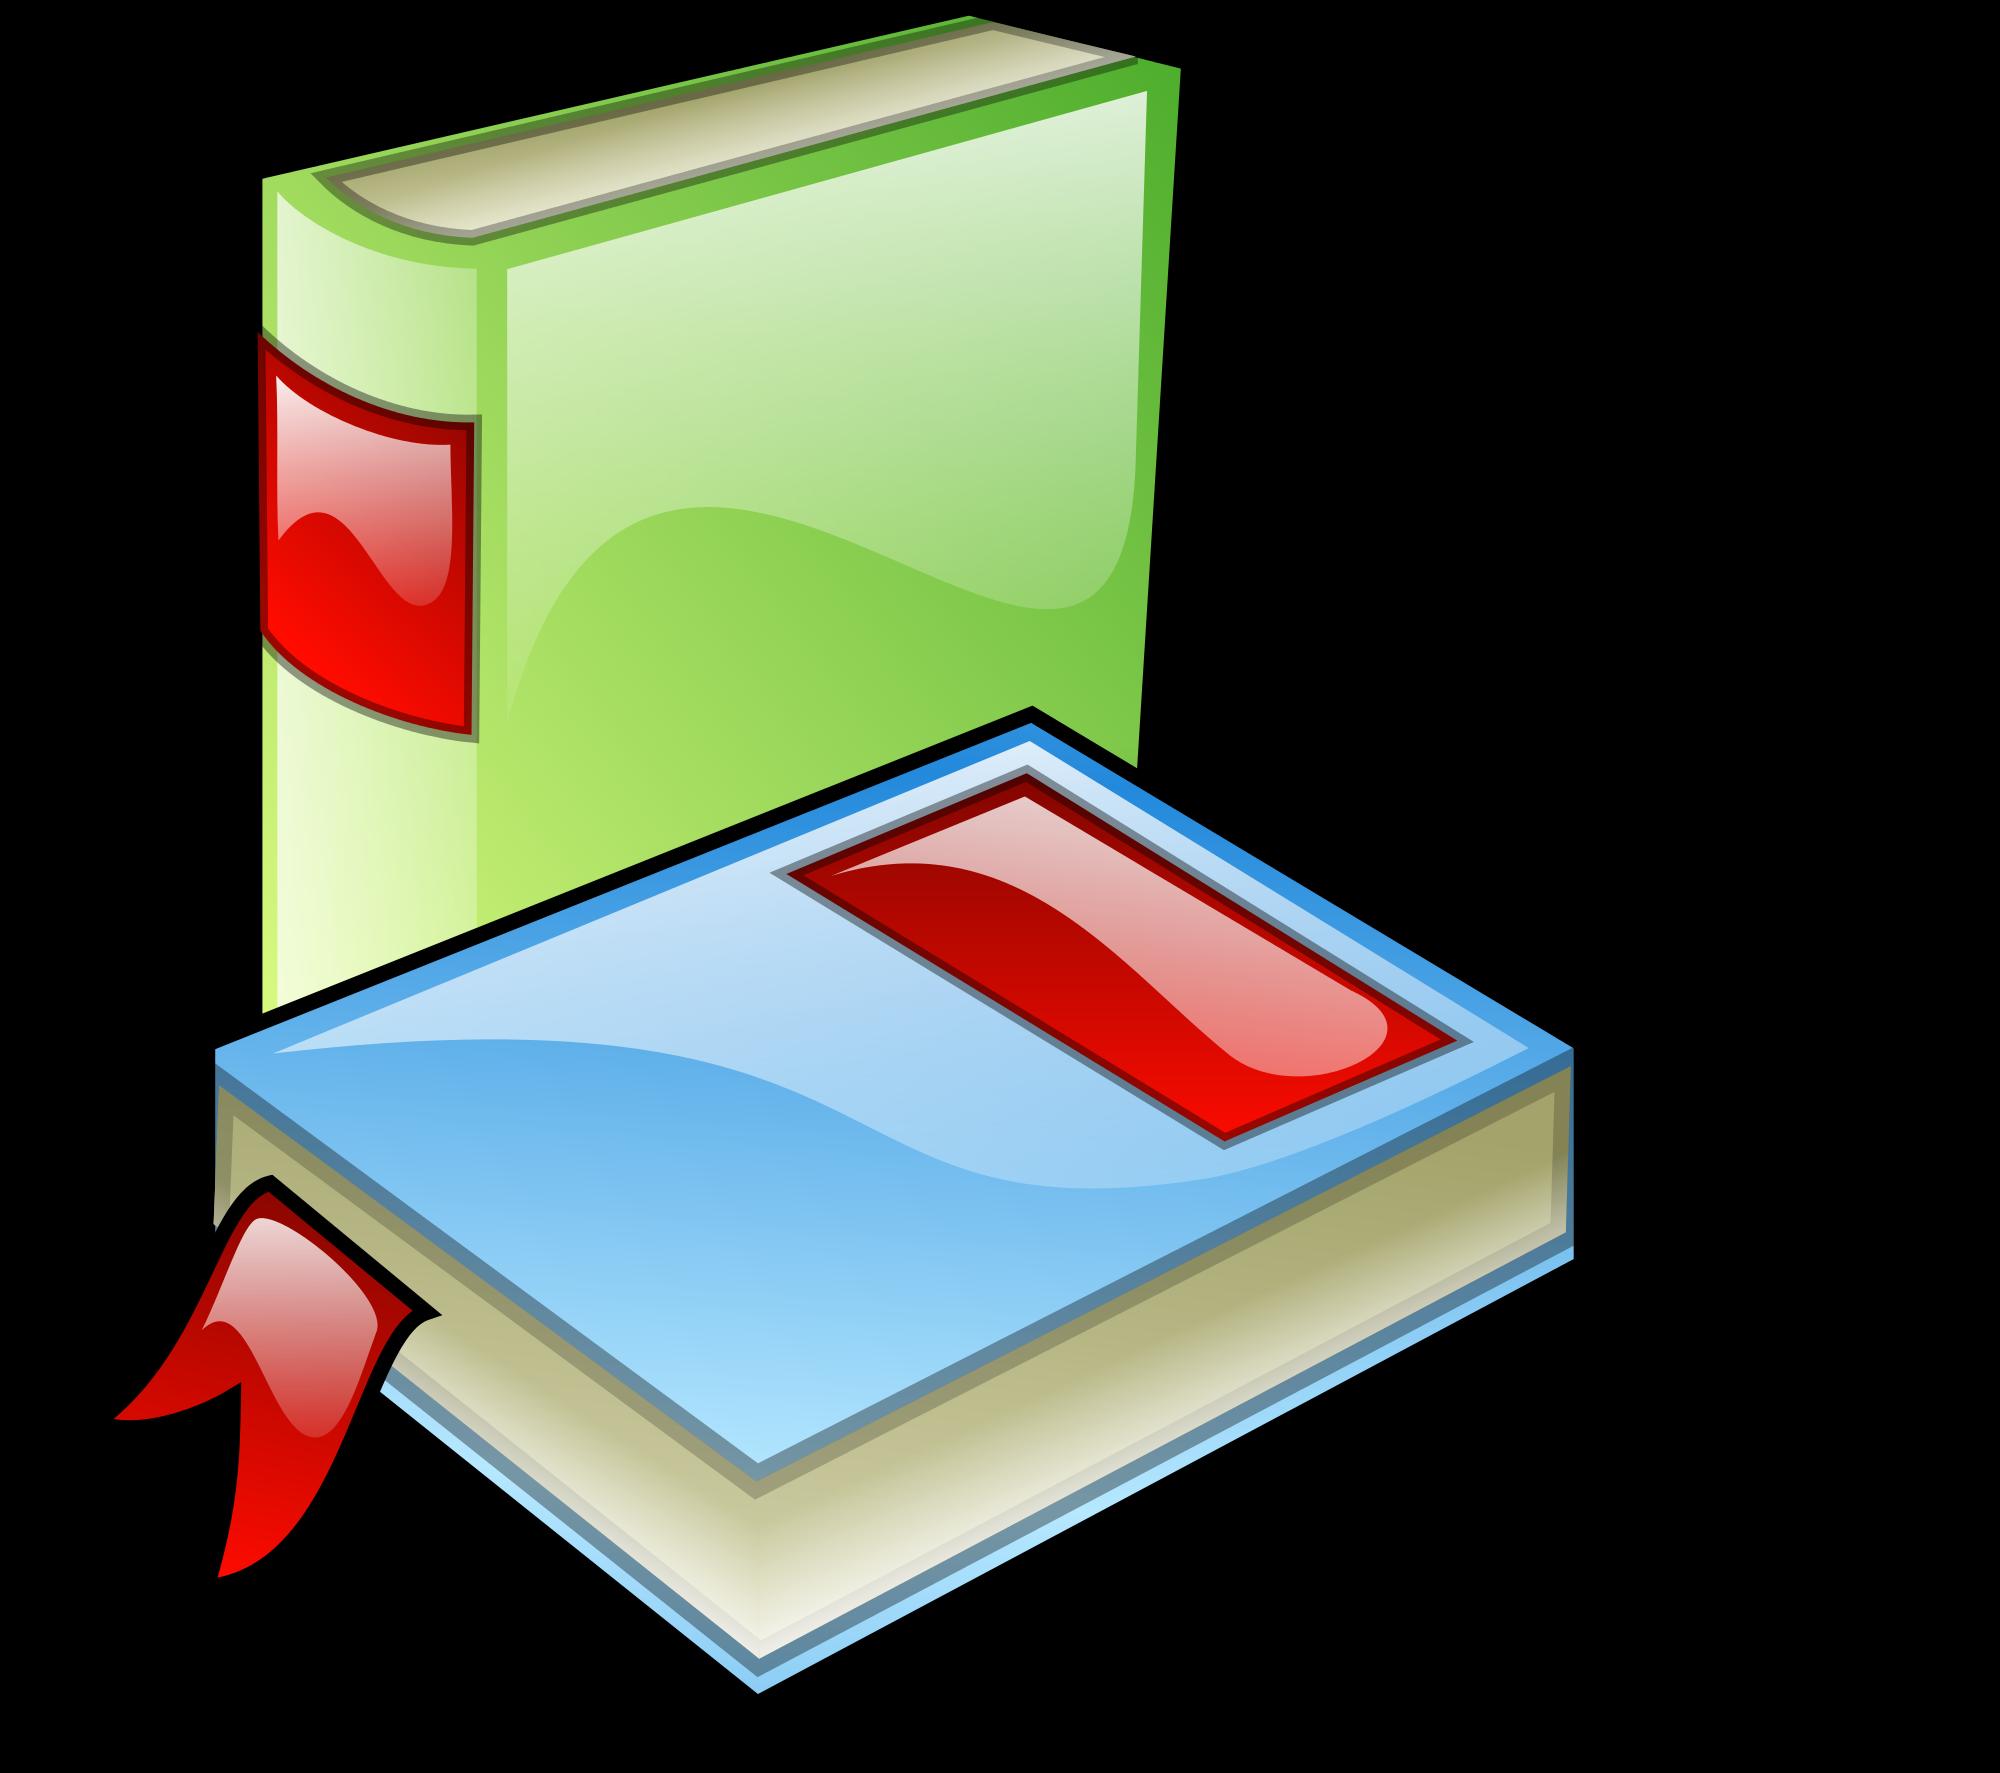 Date book clipart clip library download File:Books-aj.svg aj ashton 01.svg - Wikimedia Commons clip library download